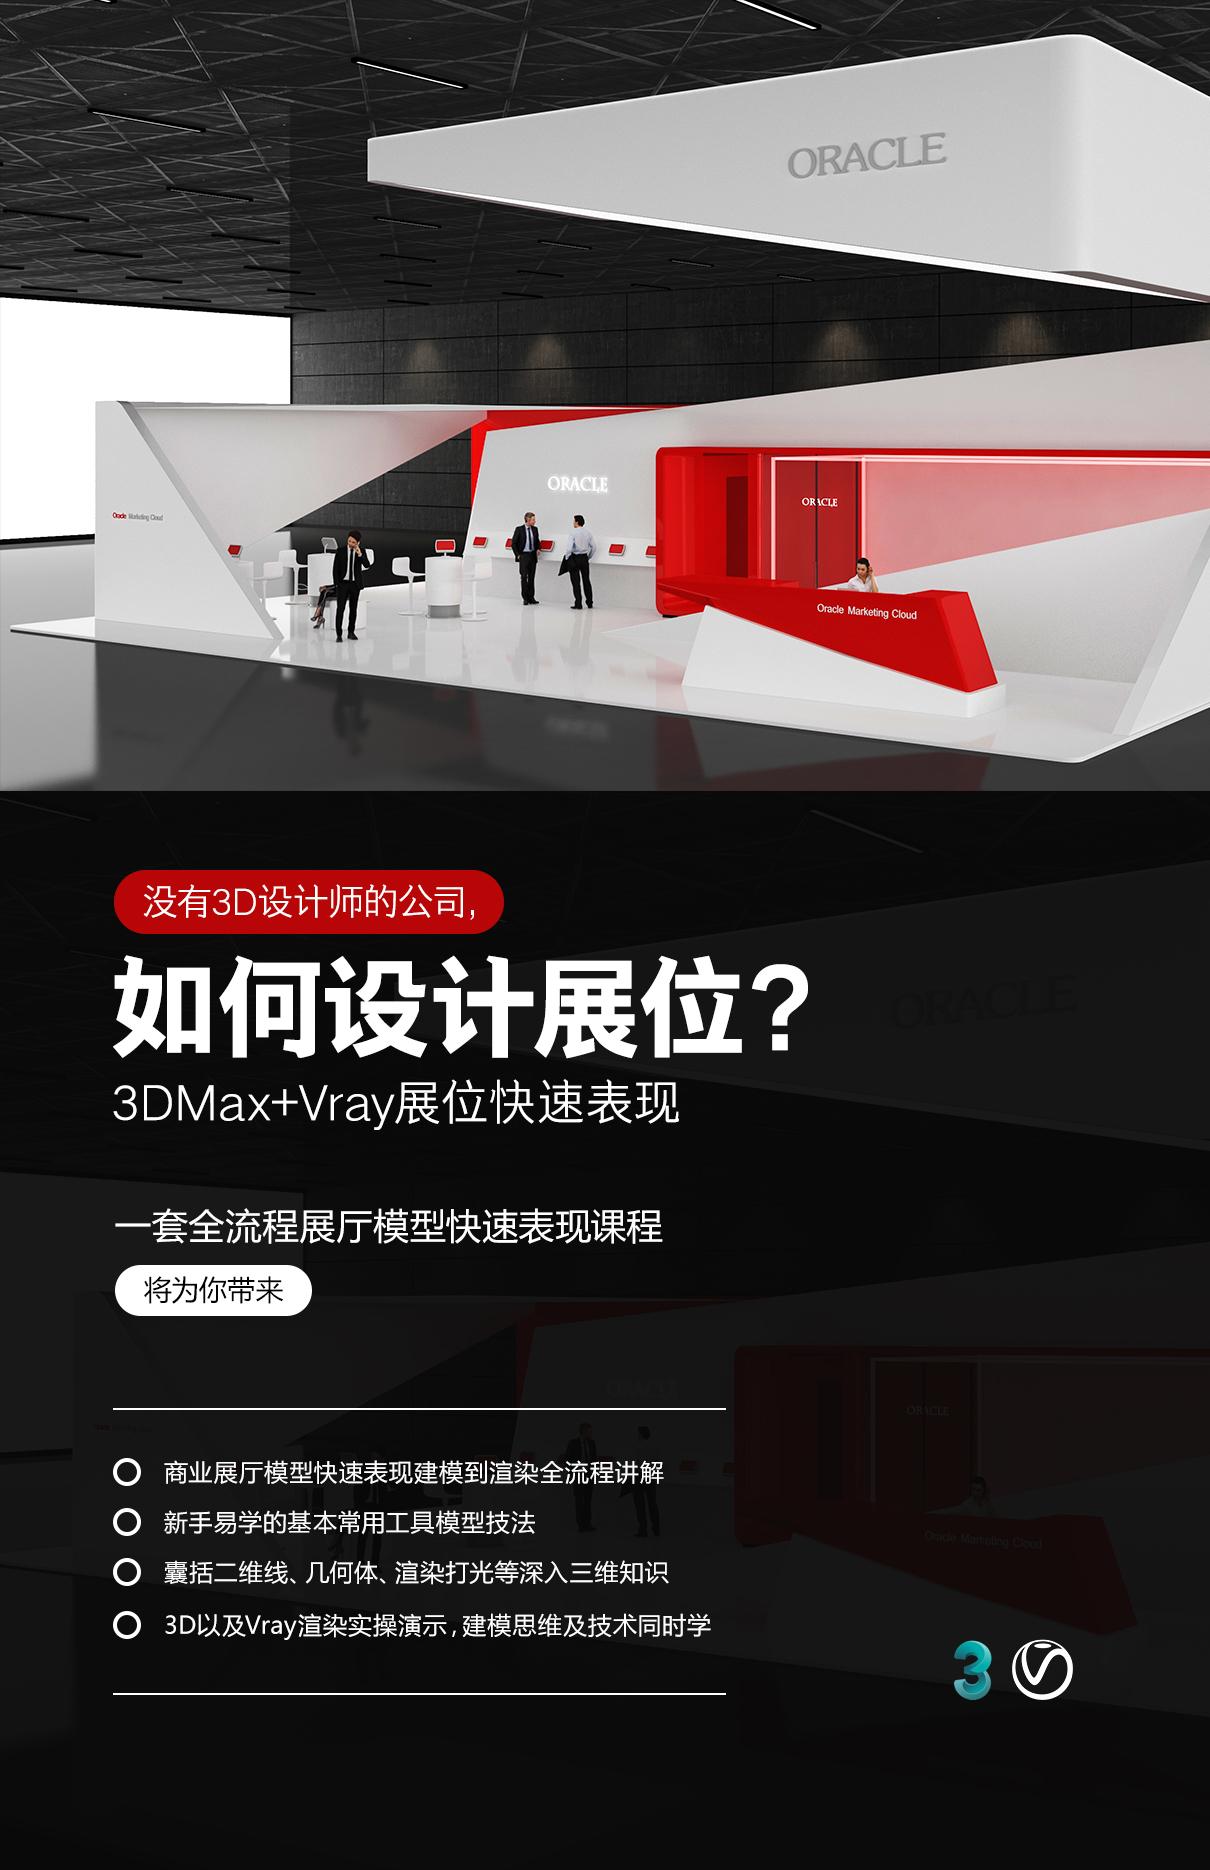 展厅创建-主图.jpg